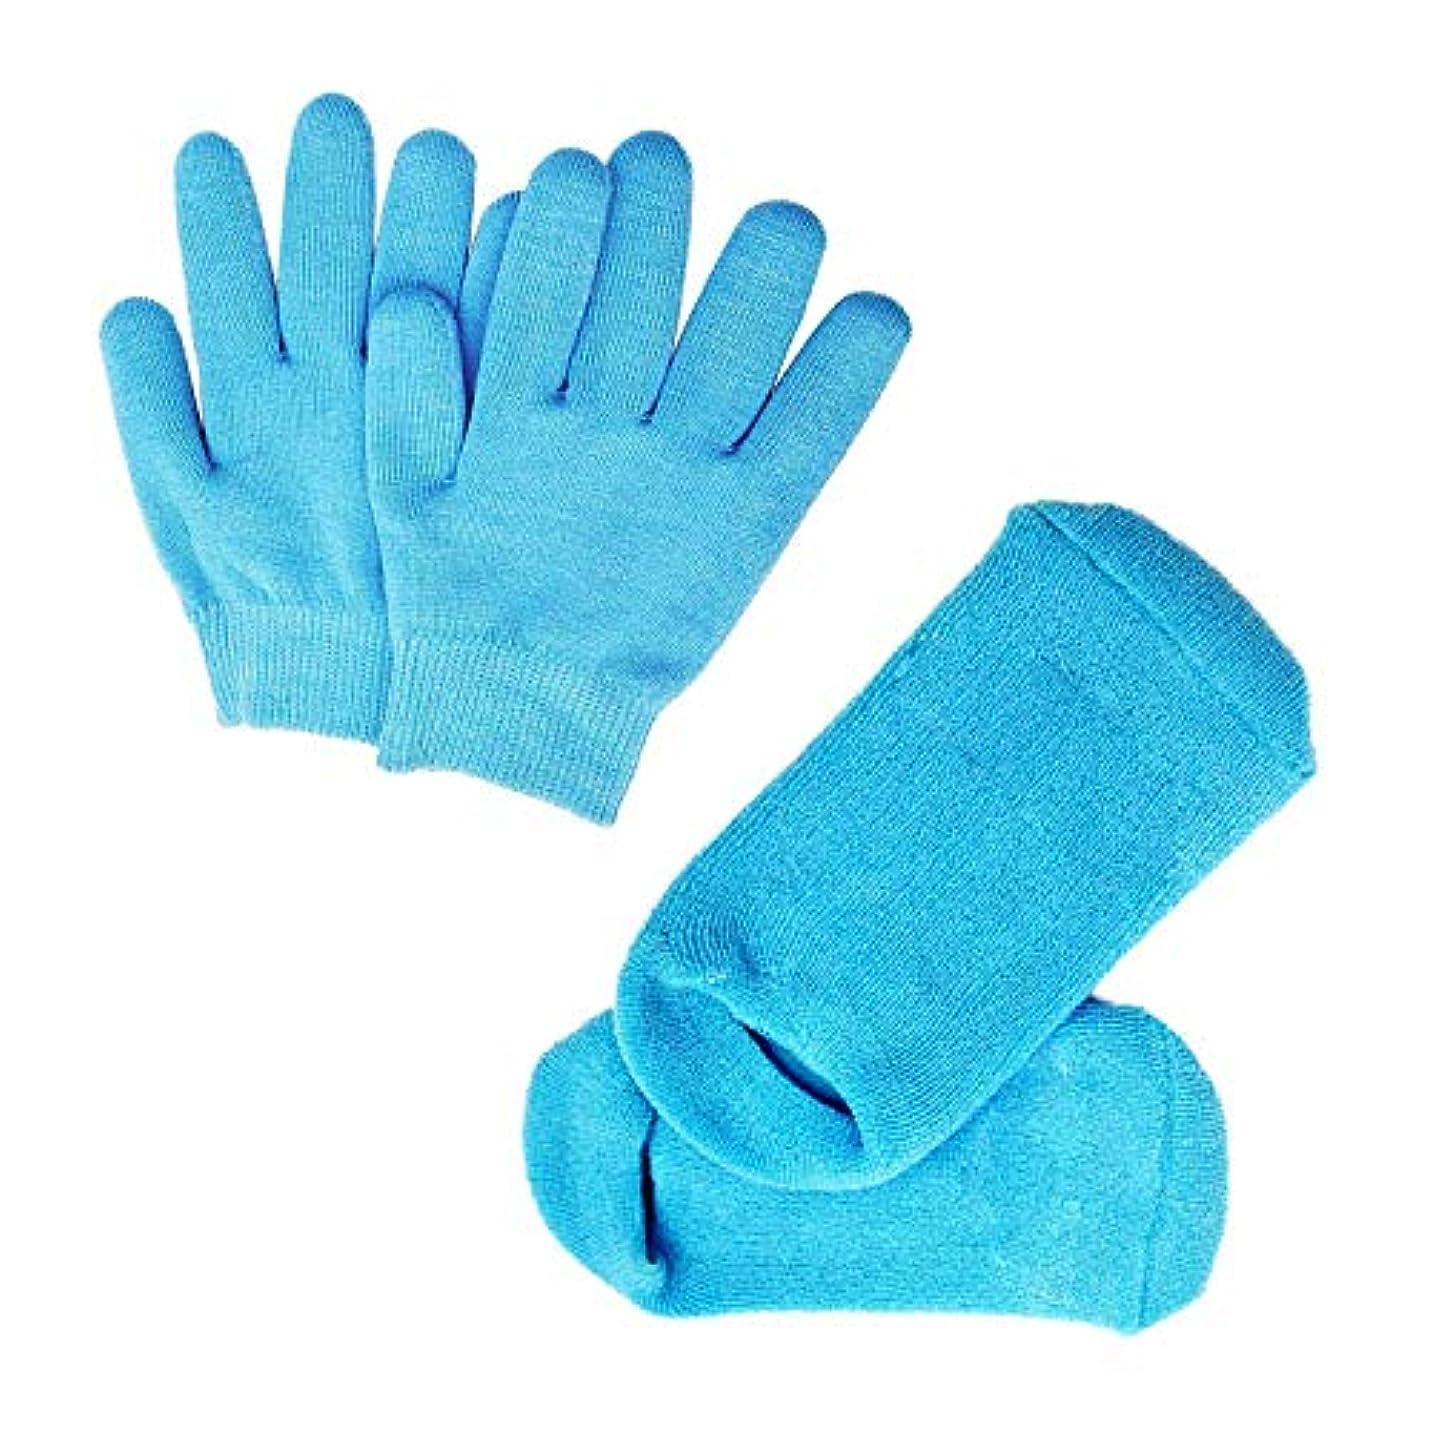 許す満たす印象的Pinkiou 眠る森のSPAジェルグローブ/SPAジェルソックス ハンドケアグローブ/フットケアソックス 角質取り 保湿 かかとケア オープントゥ 素肌美人 靴下と手袋 一セット スバ いいお肌になりましょう(ブルー)